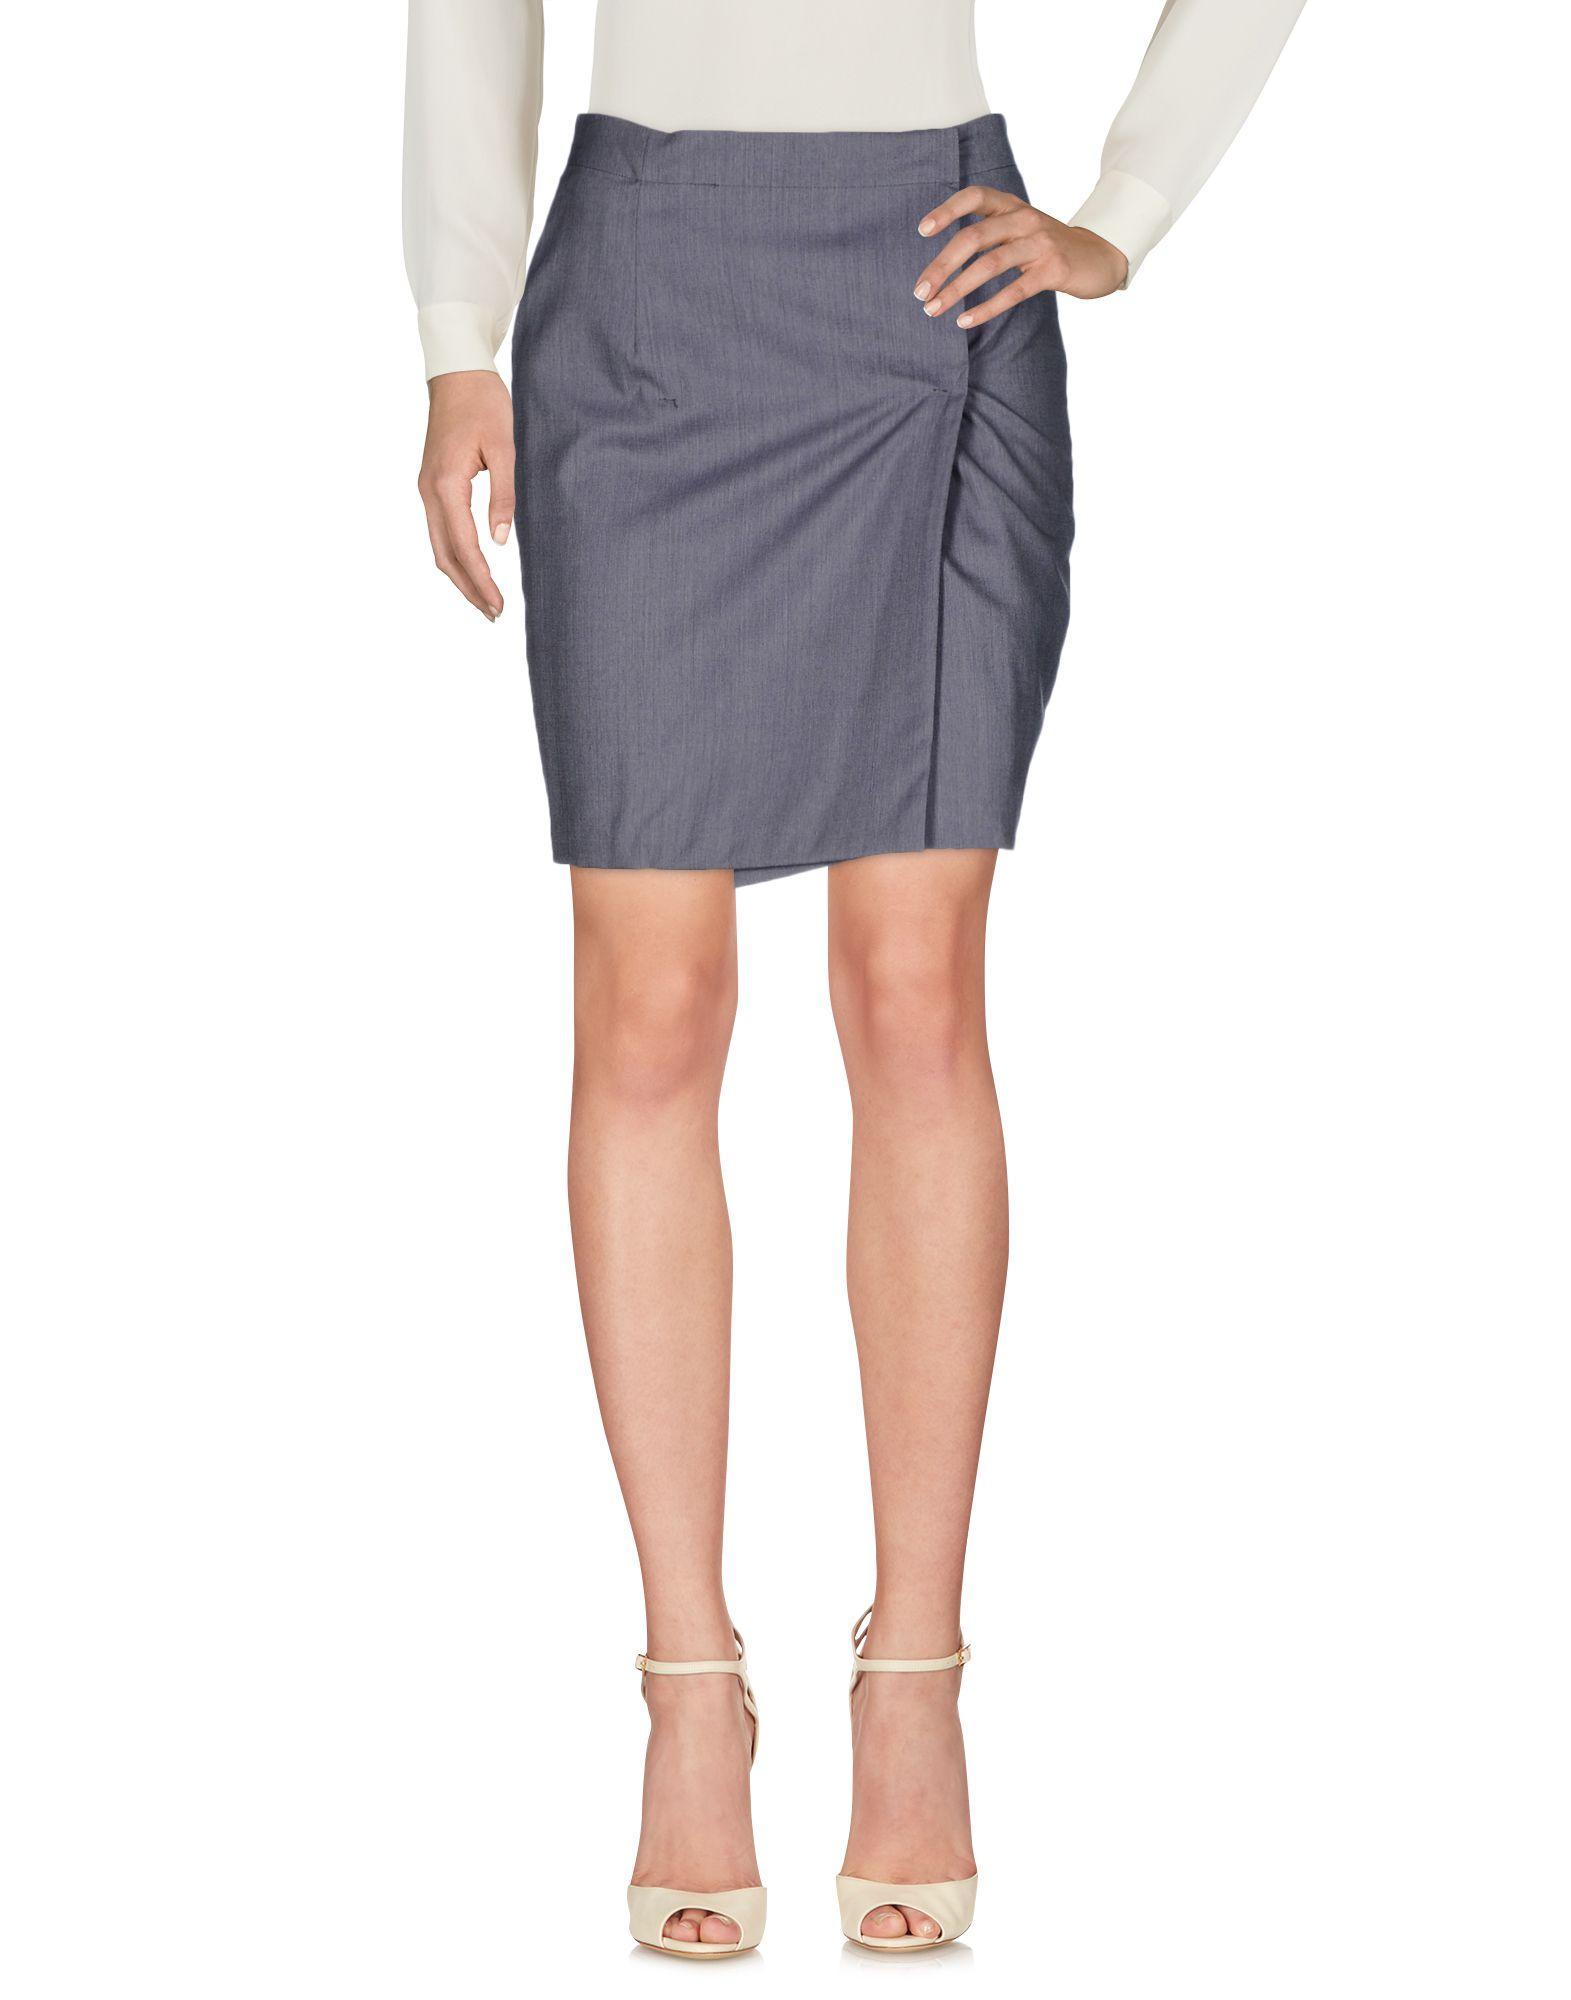 Costume National Knee Length Skirt In Grey